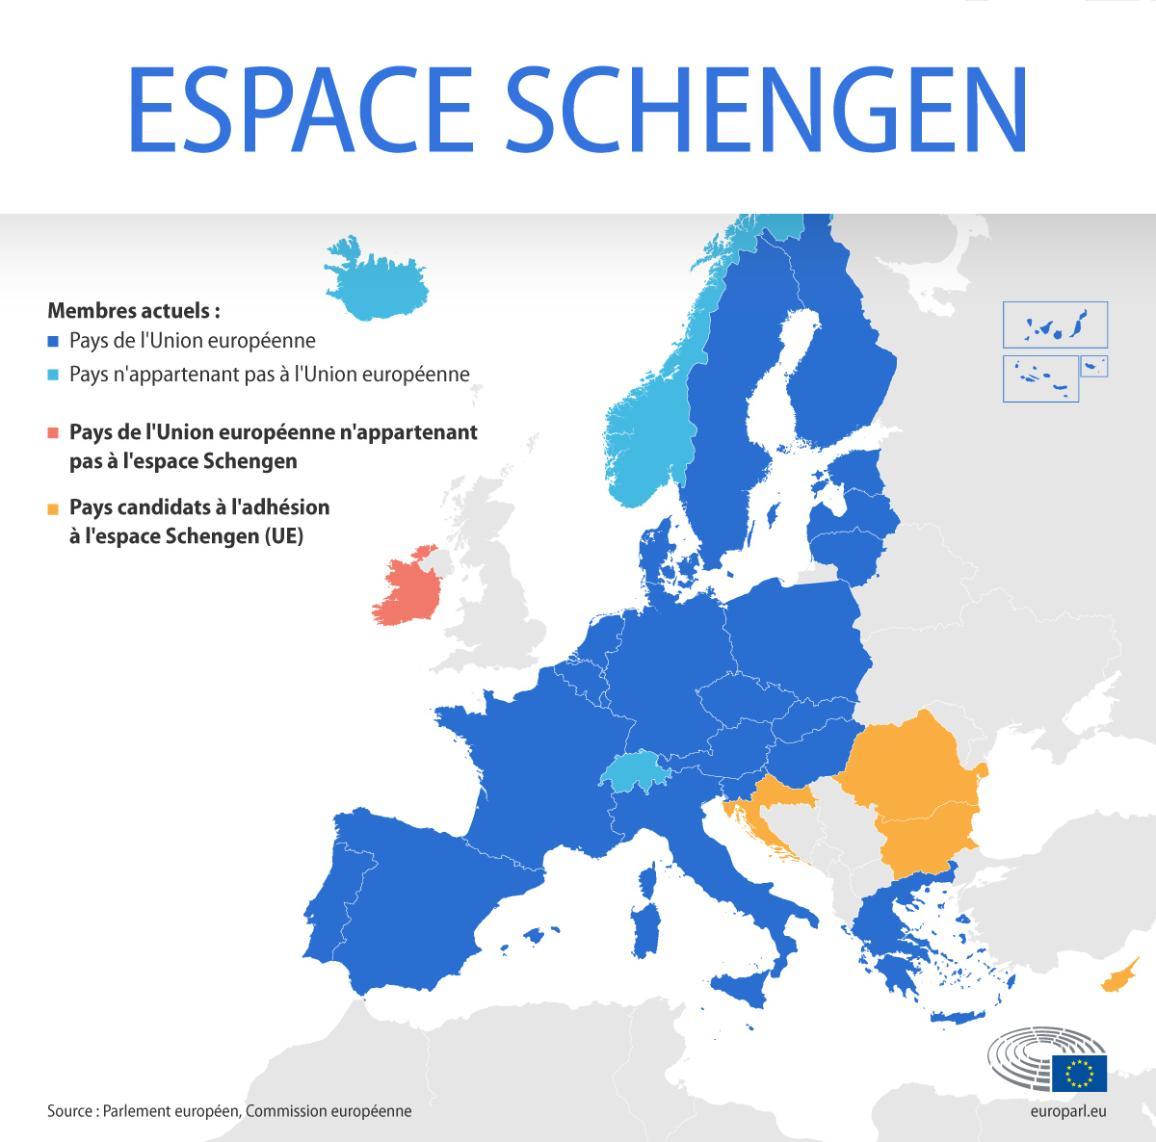 Carte de l'espace Schengen indiquant les membres UE et non UE, les pays candidats et les États membres de l'UE hors espace Schengen